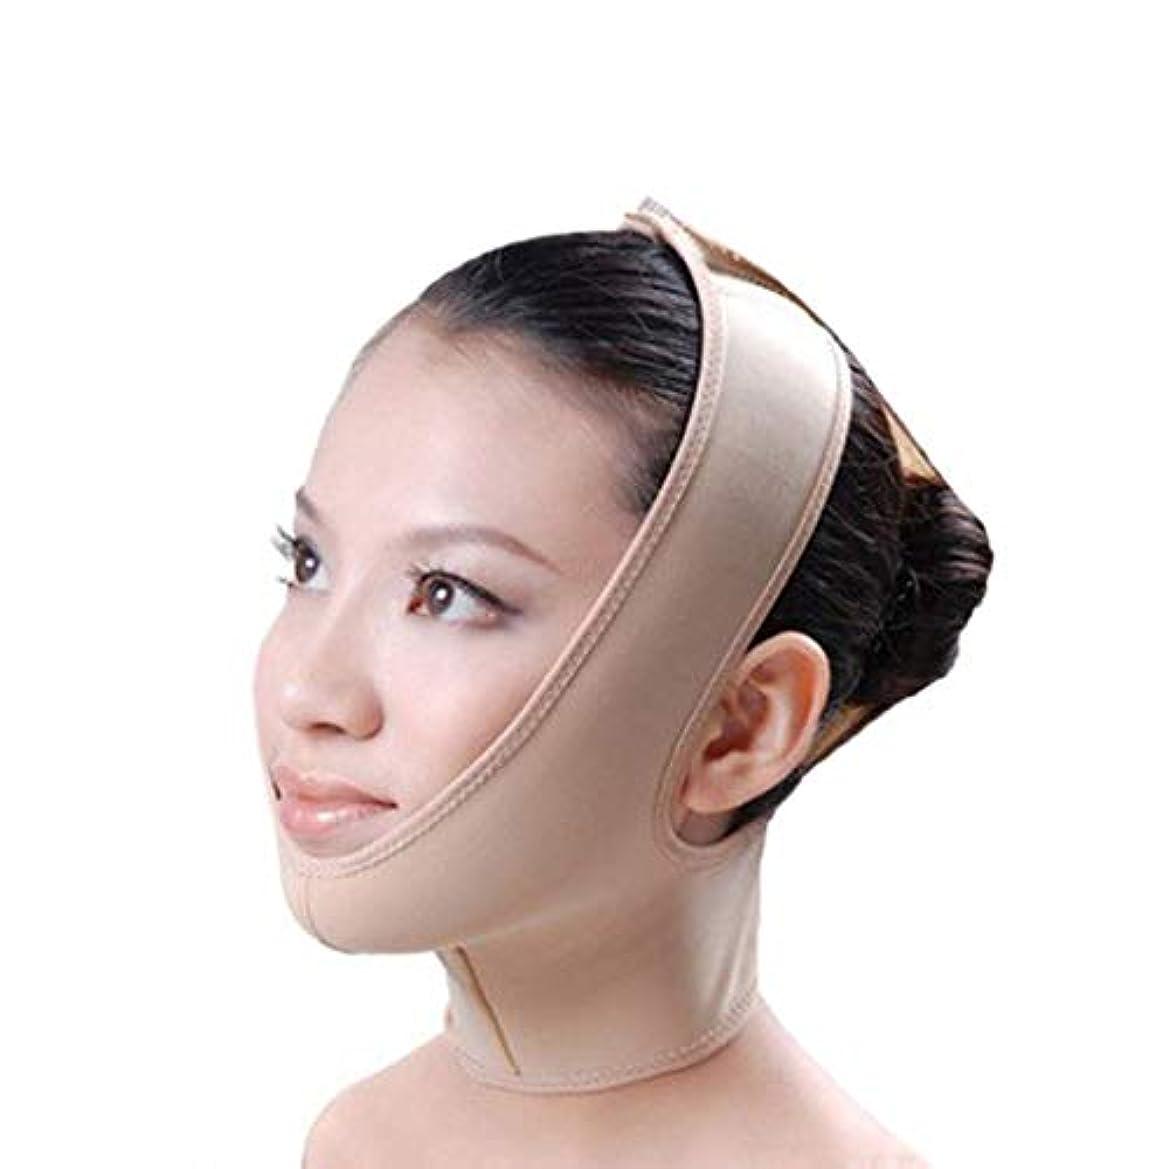 男叱るゴミ箱を空にするフェイススリム、リフティングマスク、包帯リフト、二重あご、引き締めフェイシャルリフト、フェイシャル減量マスク、リフティングスキン包帯(サイズ:XL),XL